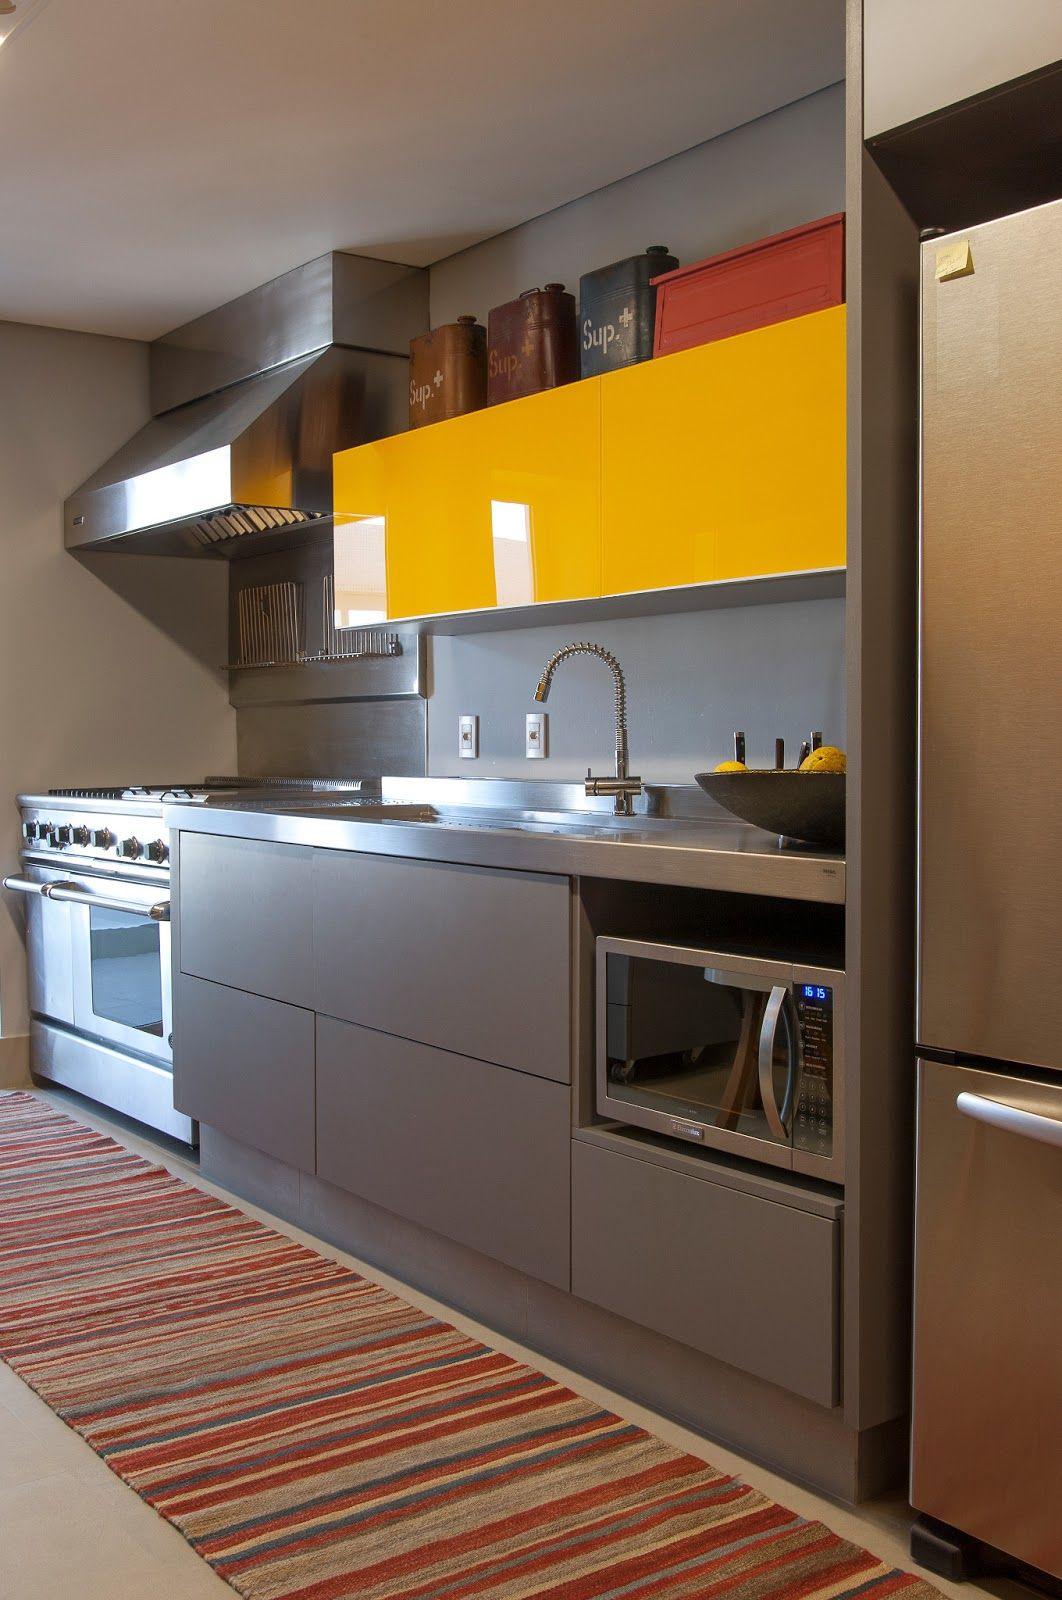 Amc Arquitetura Cozinha Colorida Cozinha Pinterest